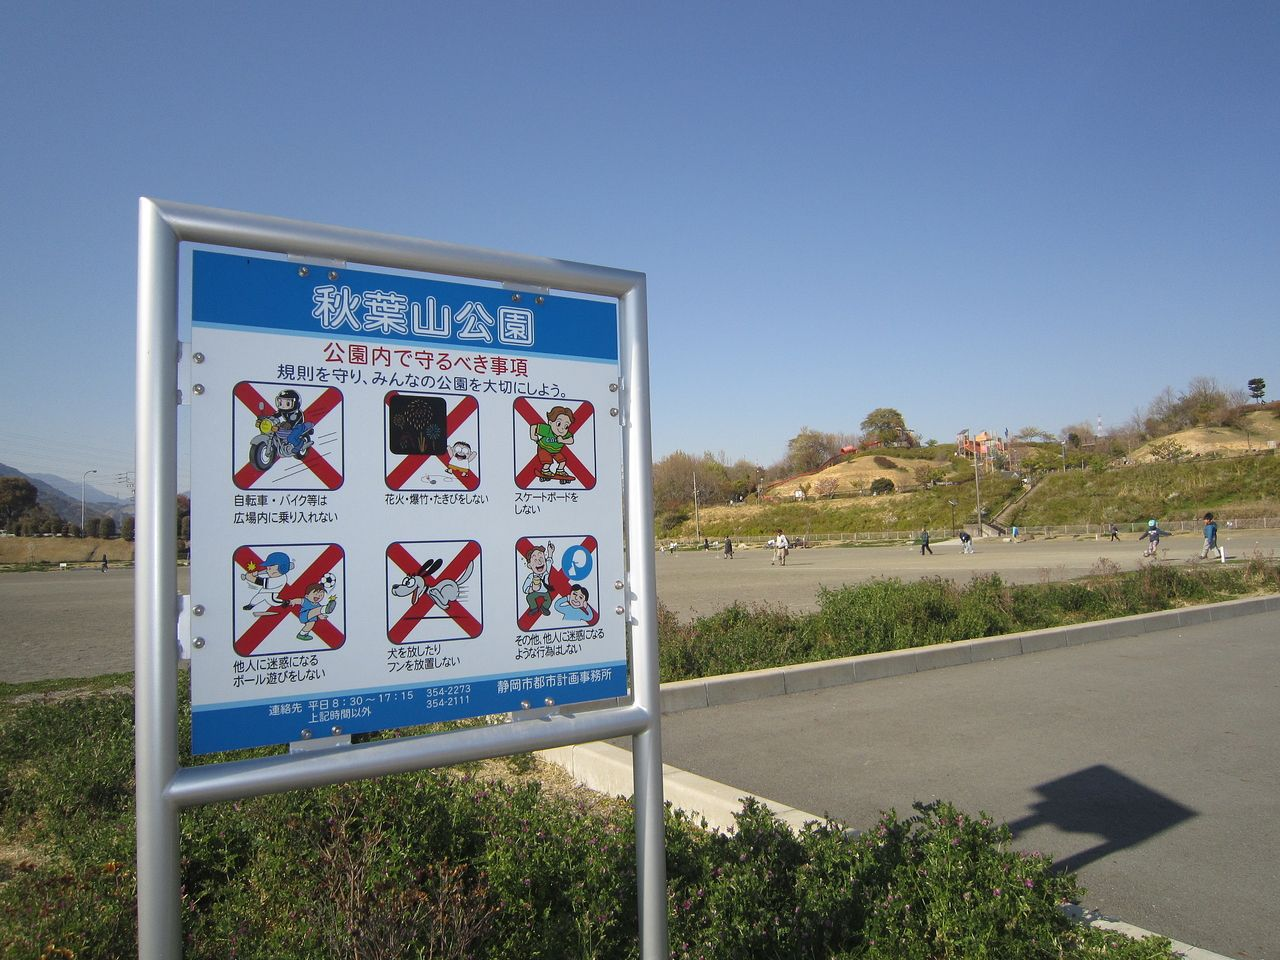 静岡市清水区にある秋葉山公園はグラウンドやアスレチックなど子供からお年寄りまで楽しめる公園です。